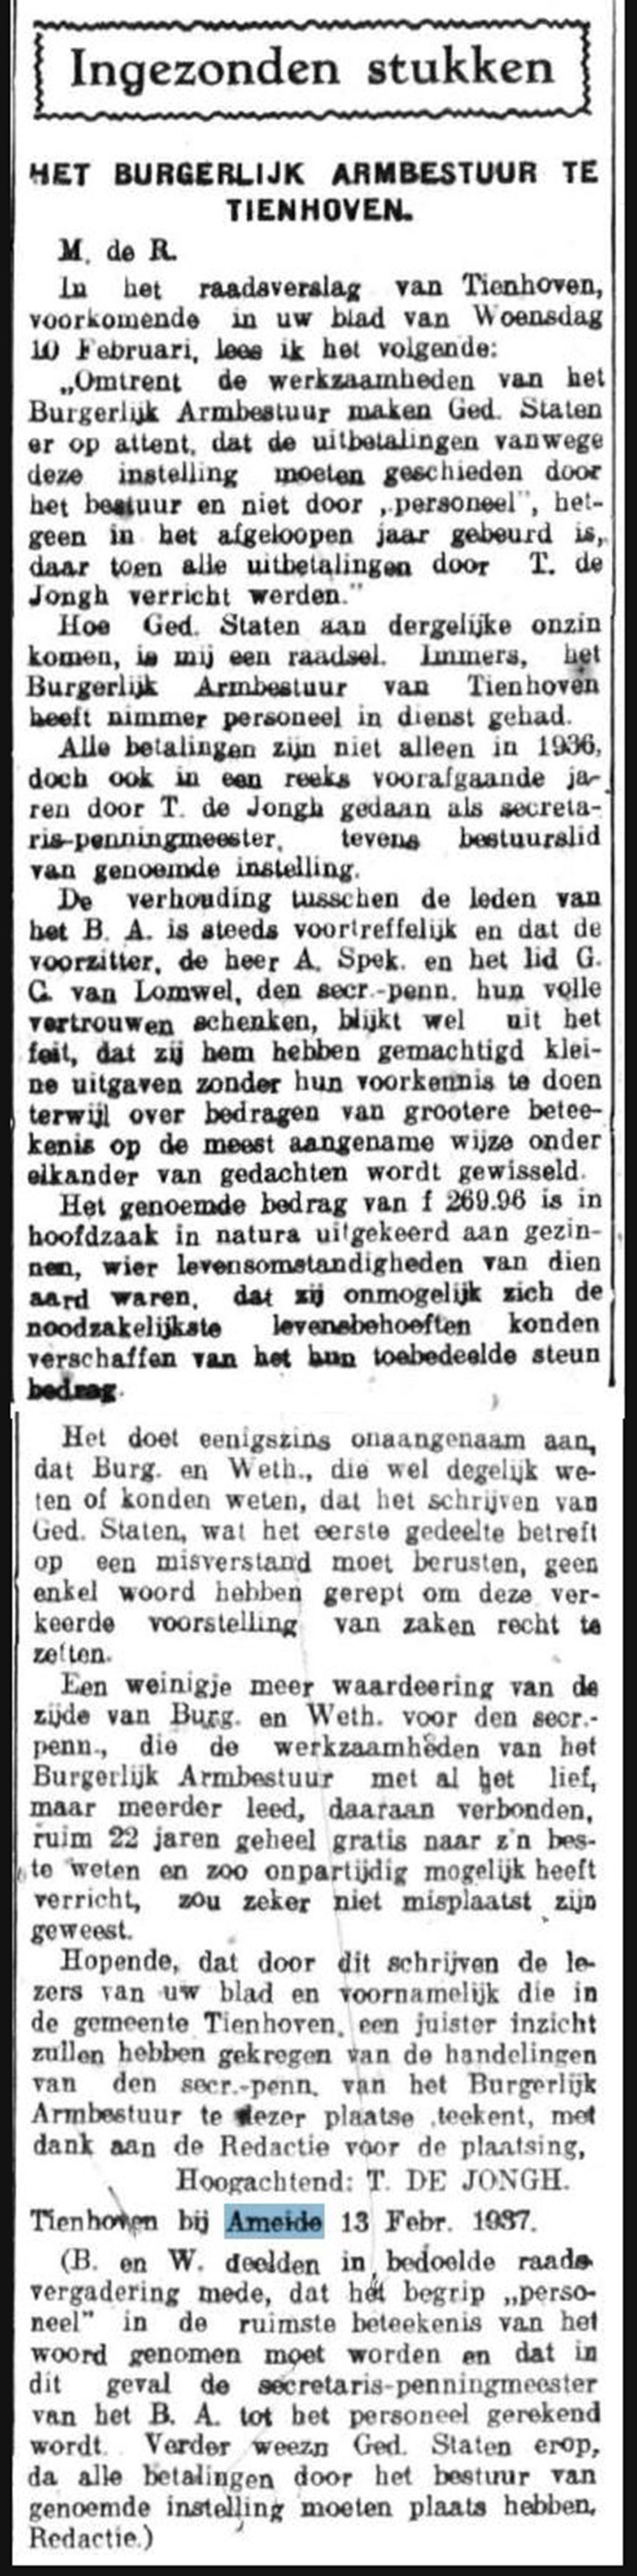 Schoonhovensche Courant 07772 1937-02-15 artikel 01